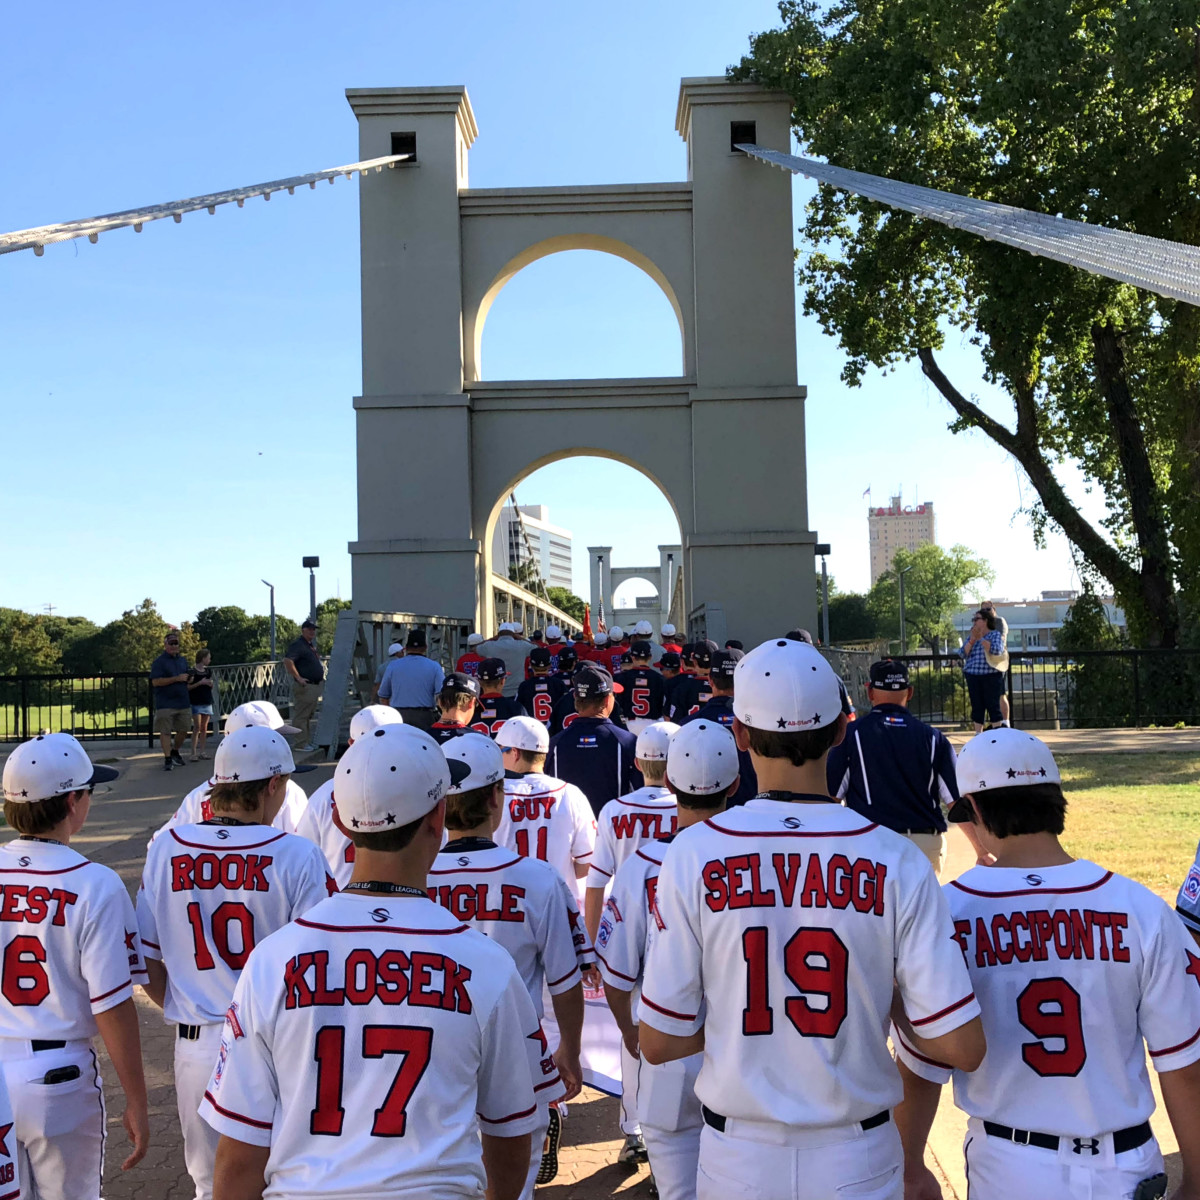 Post Oak Little League team backs walking